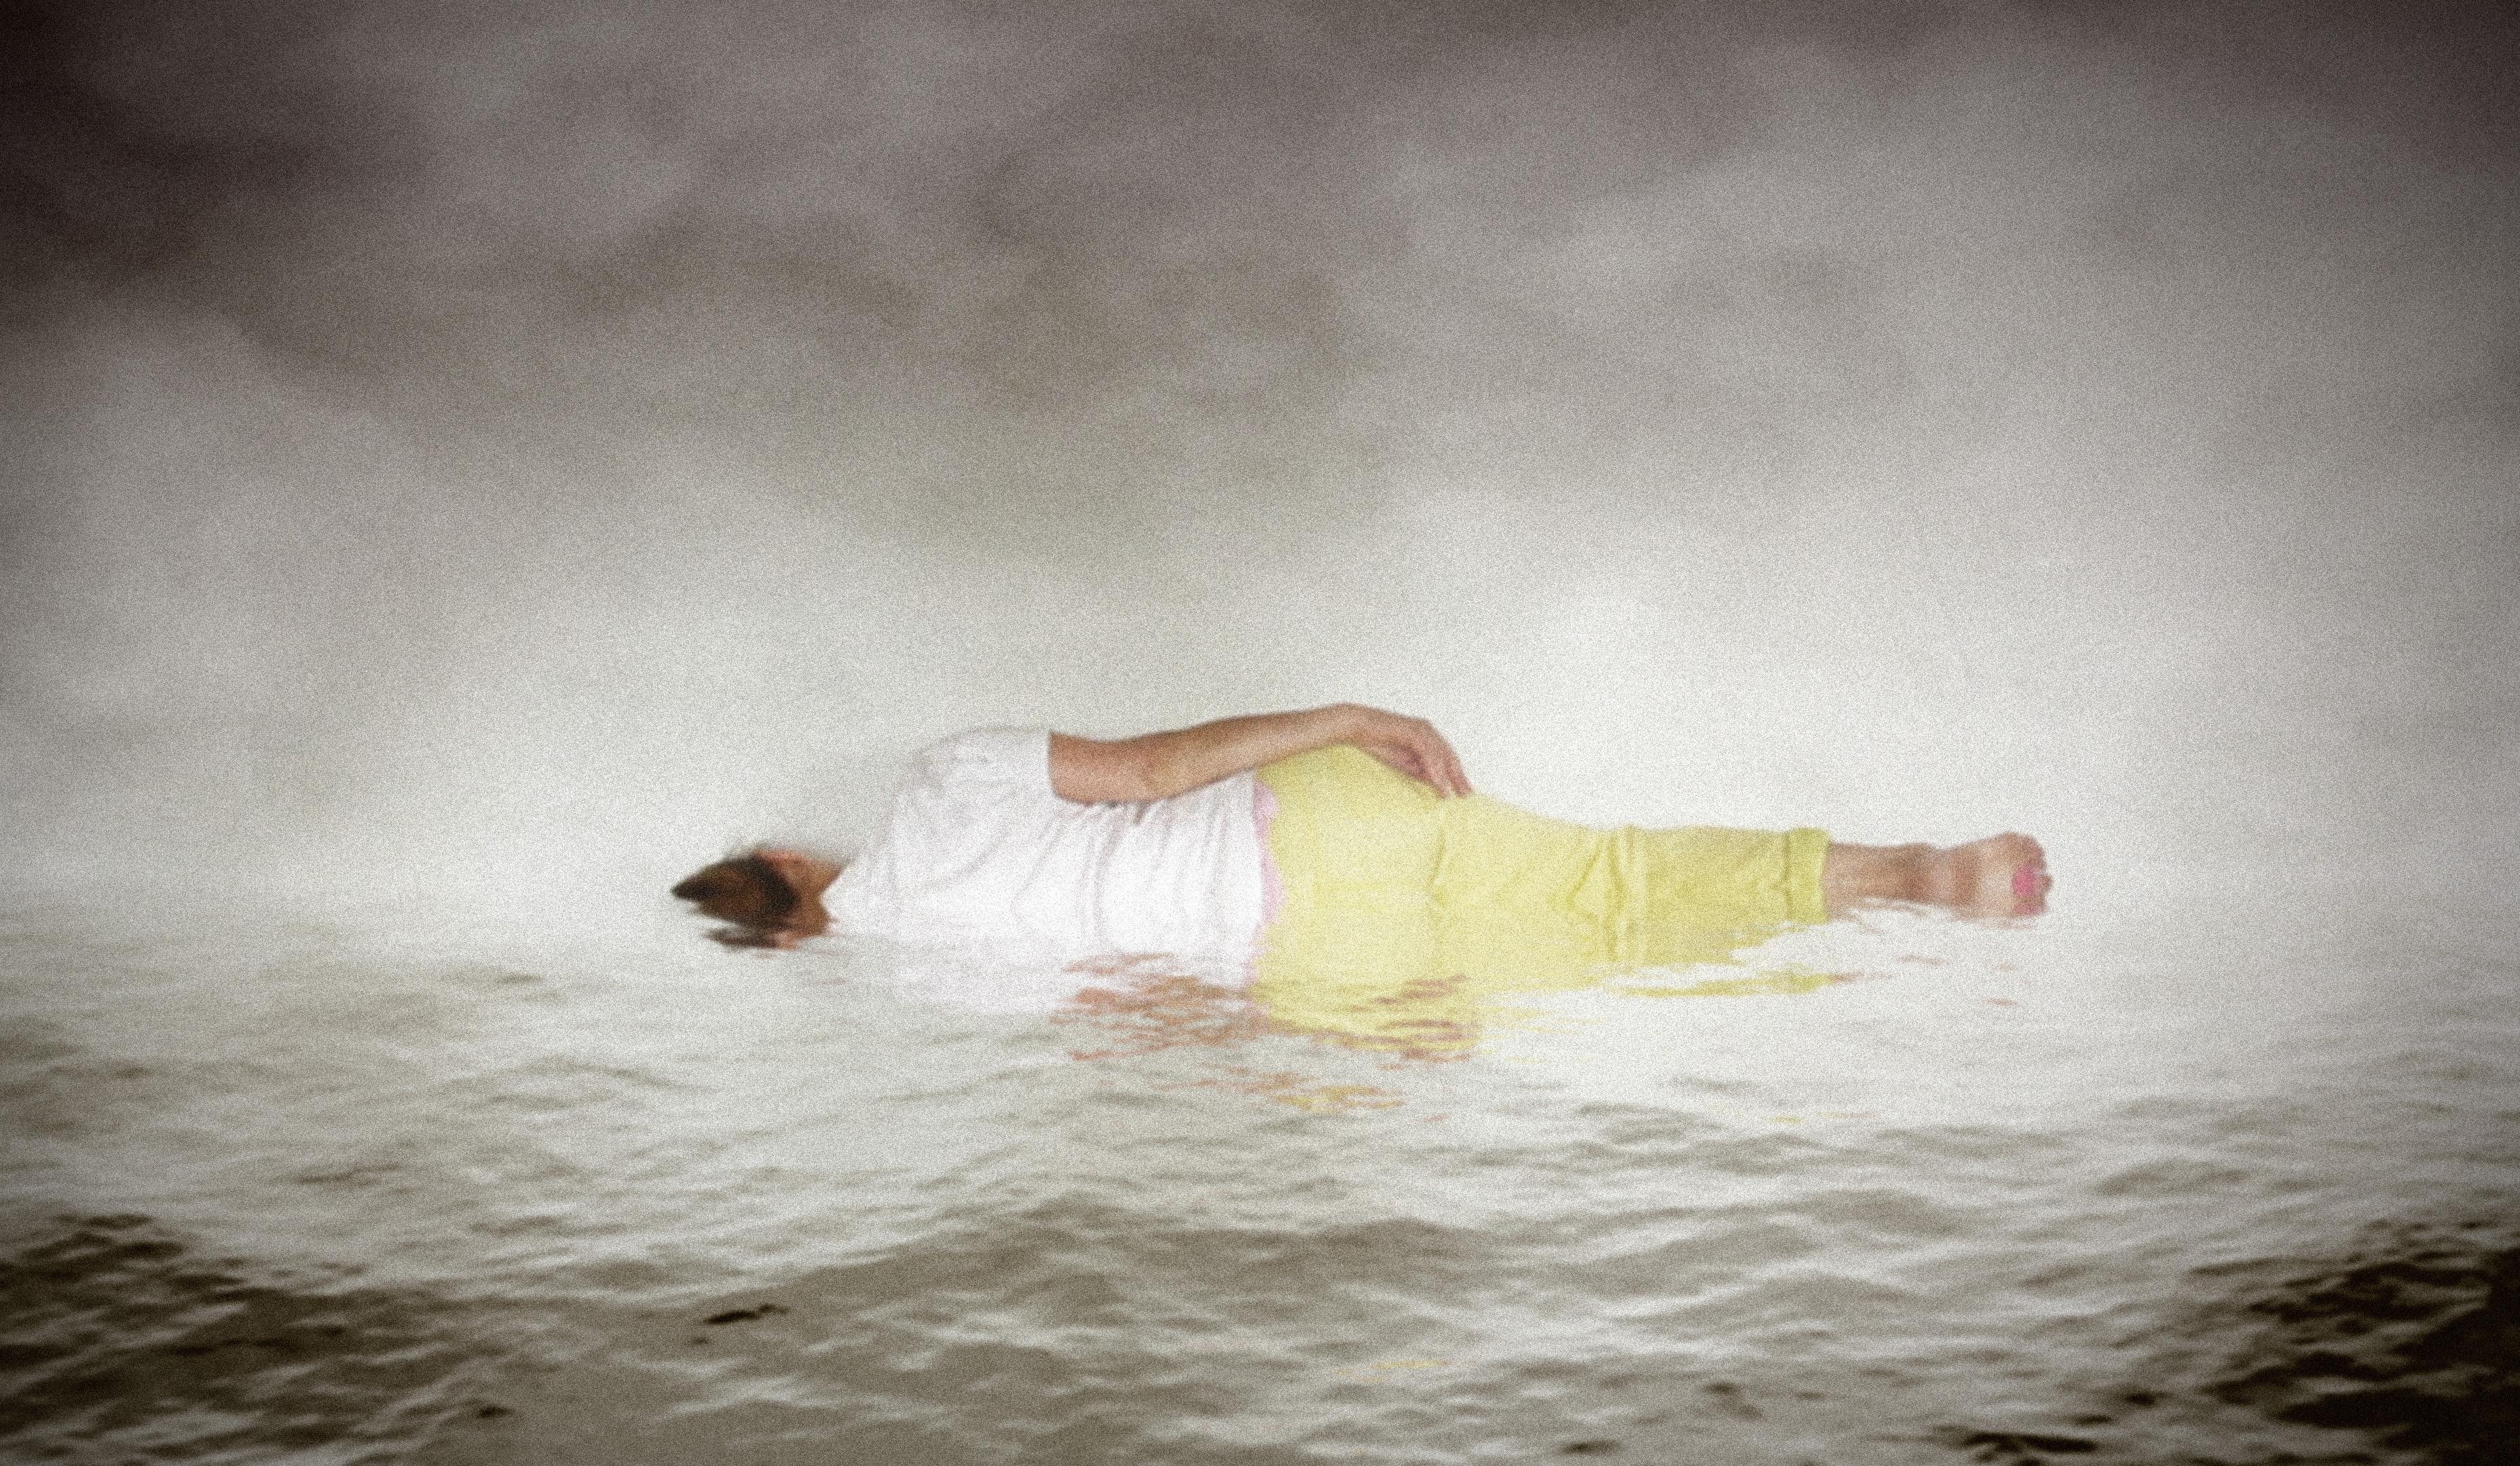 Liisa pentti  co cloudbody kuva fabian nyberg%281%29